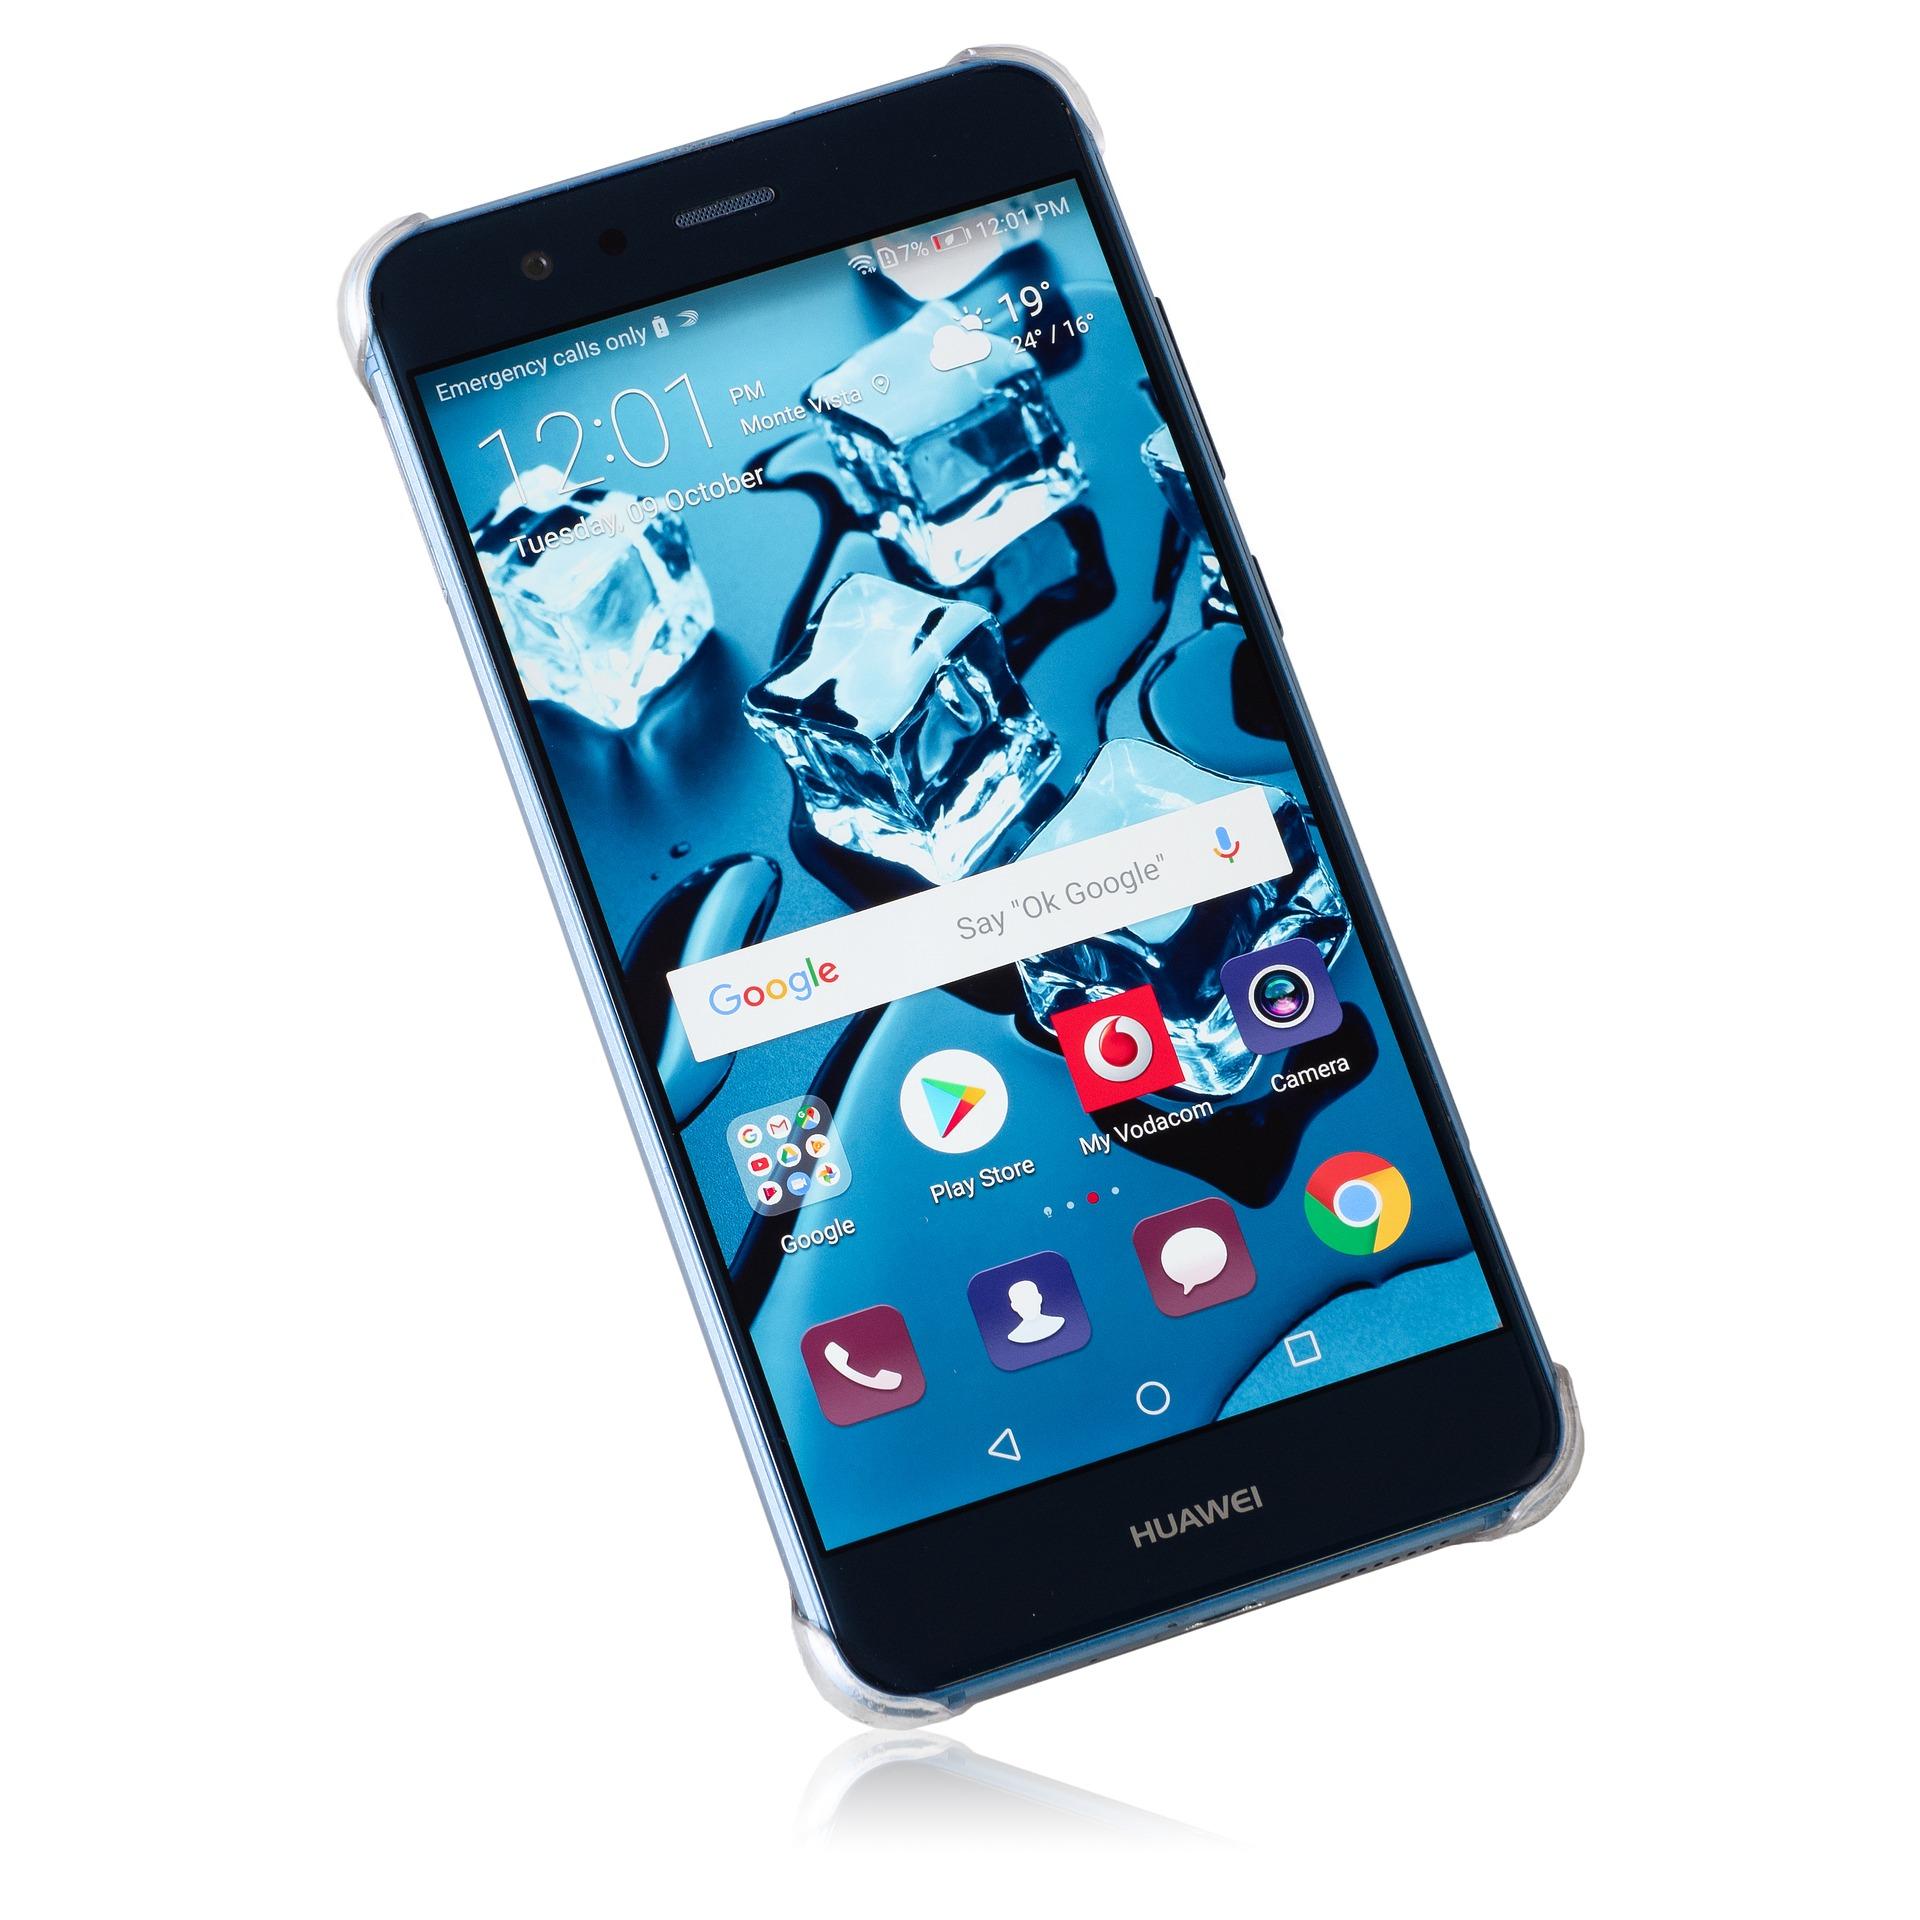 Cómo le afecta el veto de Google si tiene un Huawei